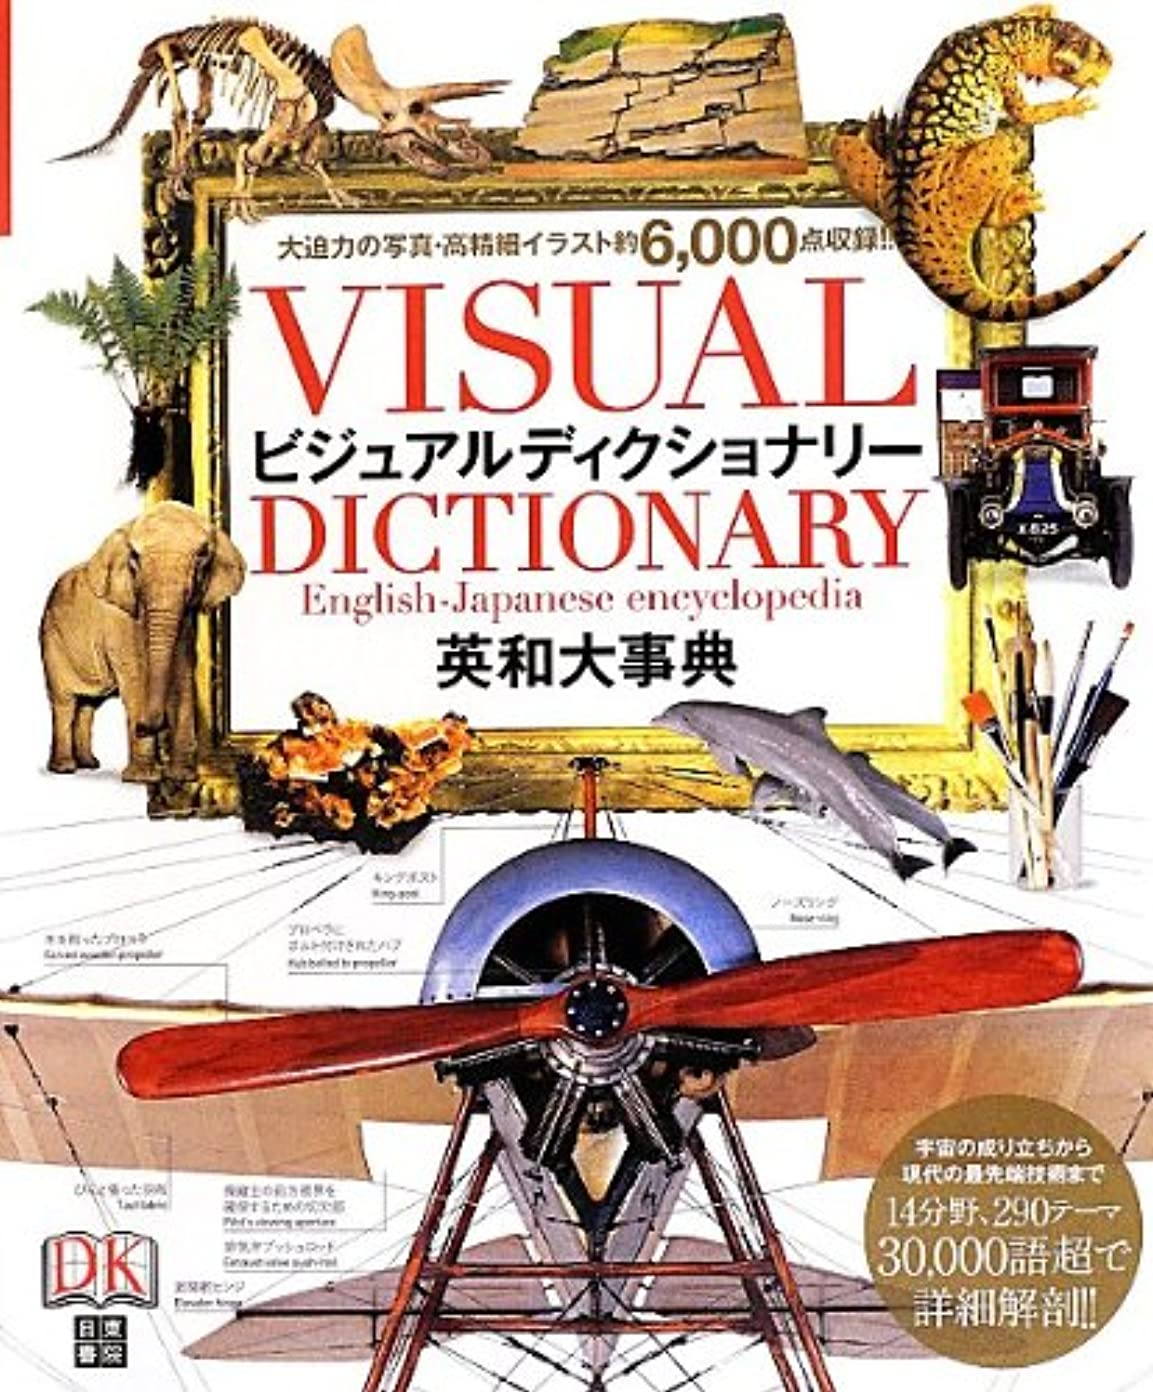 素子遊具現像ビジュアルディクショナリー 英和大事典